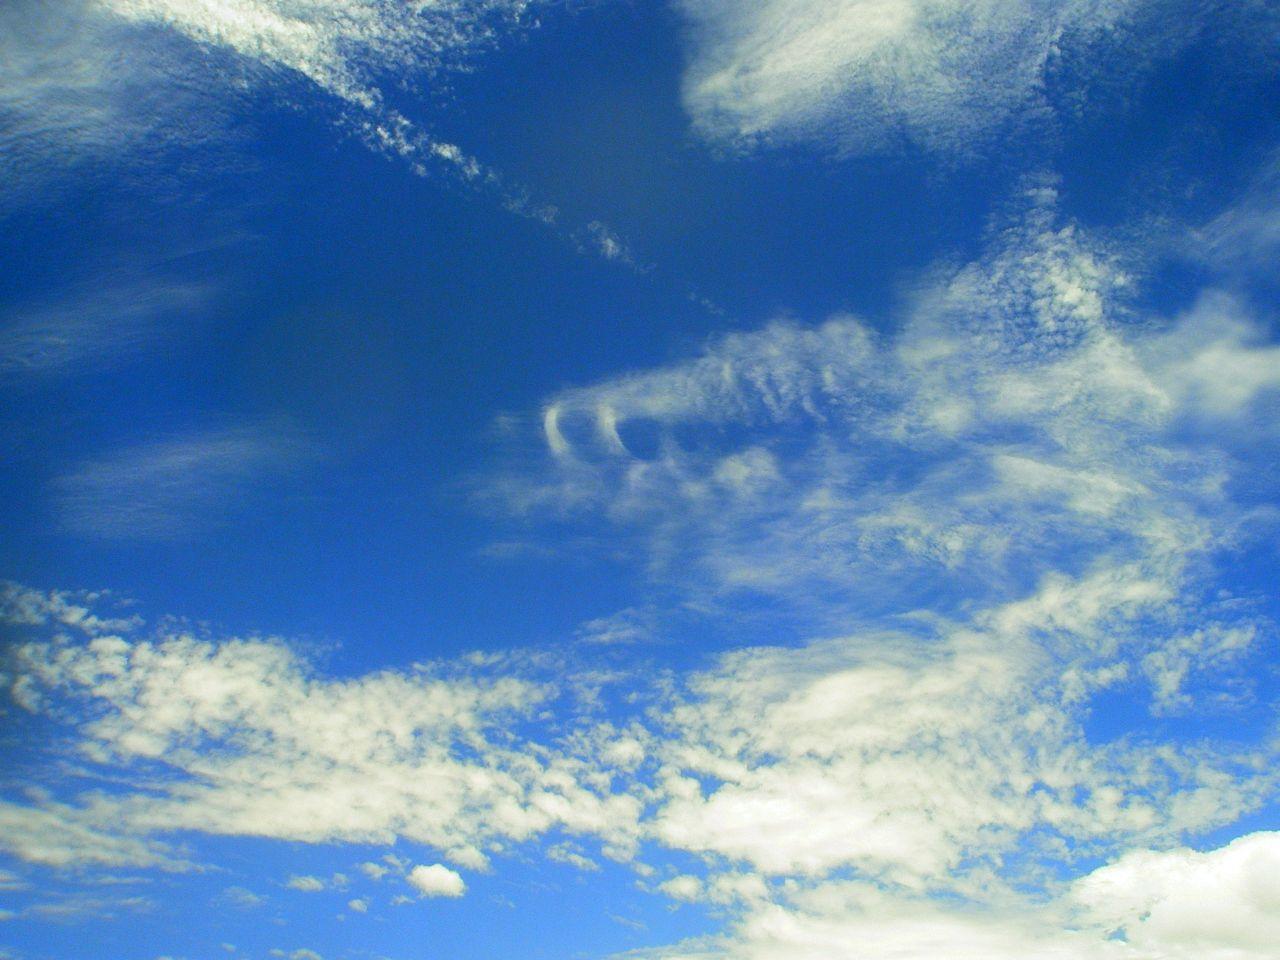 sky 1 lge